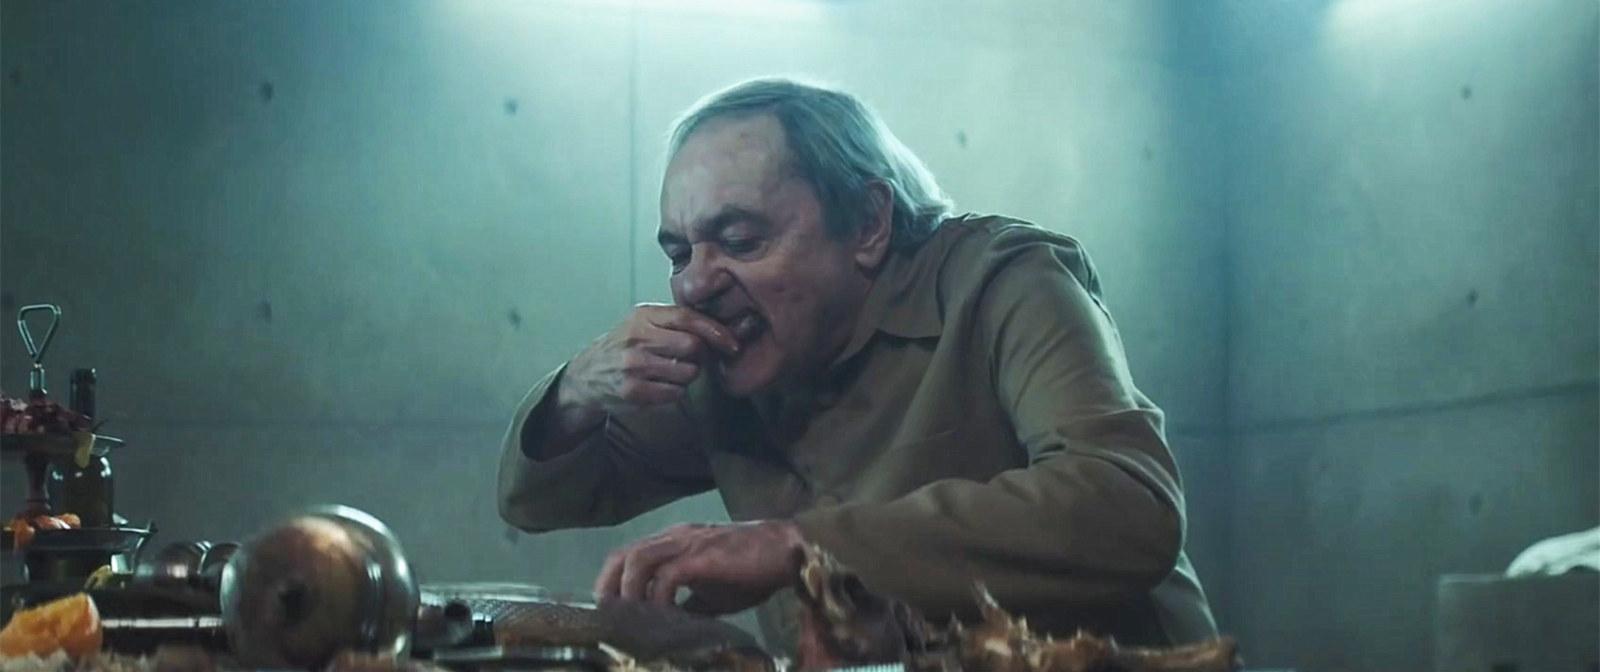 有点儿意思:西班牙反乌托邦电影《饥饿站台》发布新预告